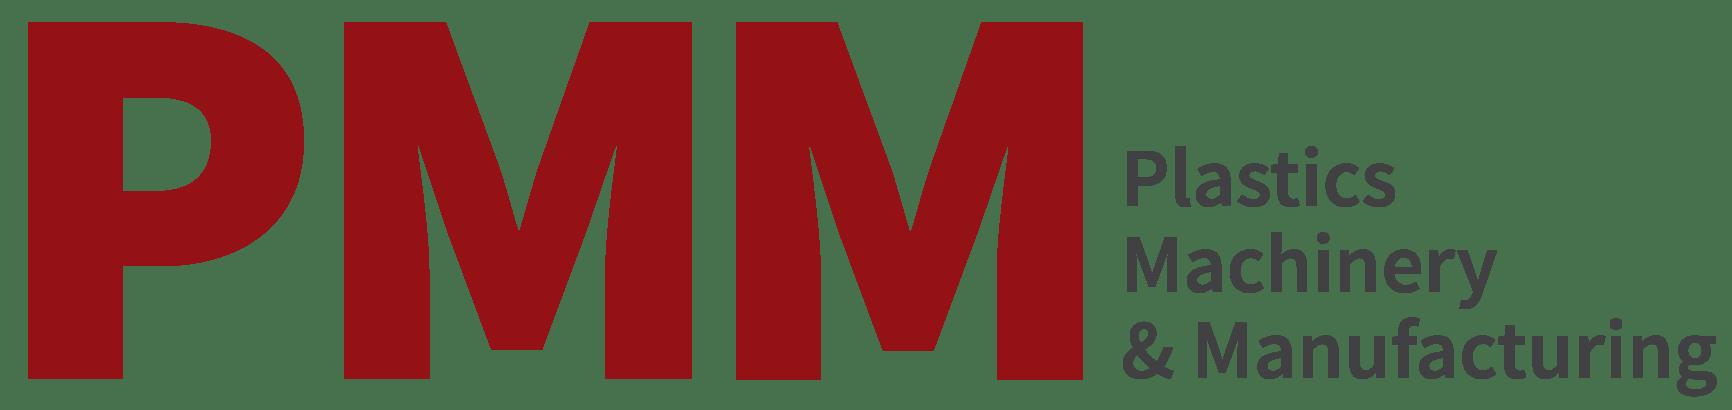 pmm_logo_rgb